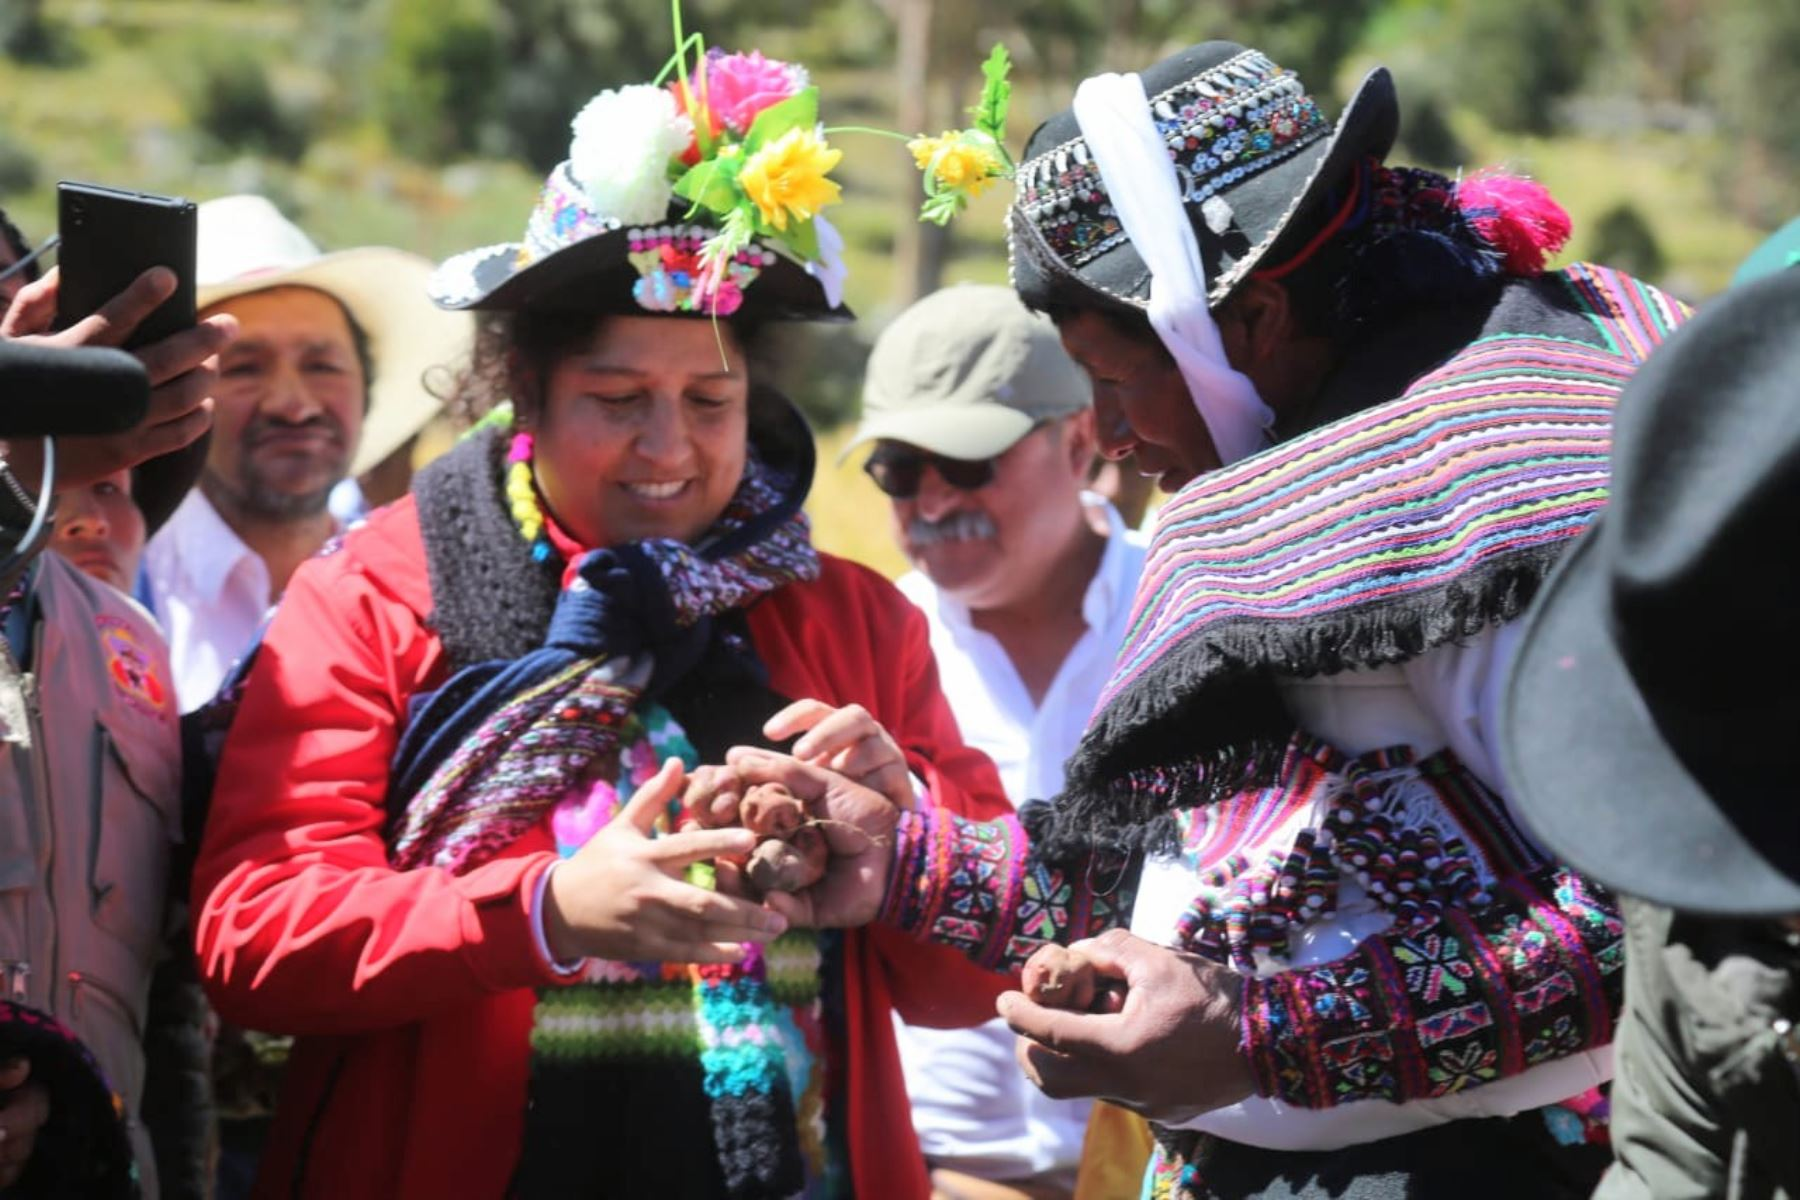 Perú cuenta con más de 3,000 variedades nativas conocidas